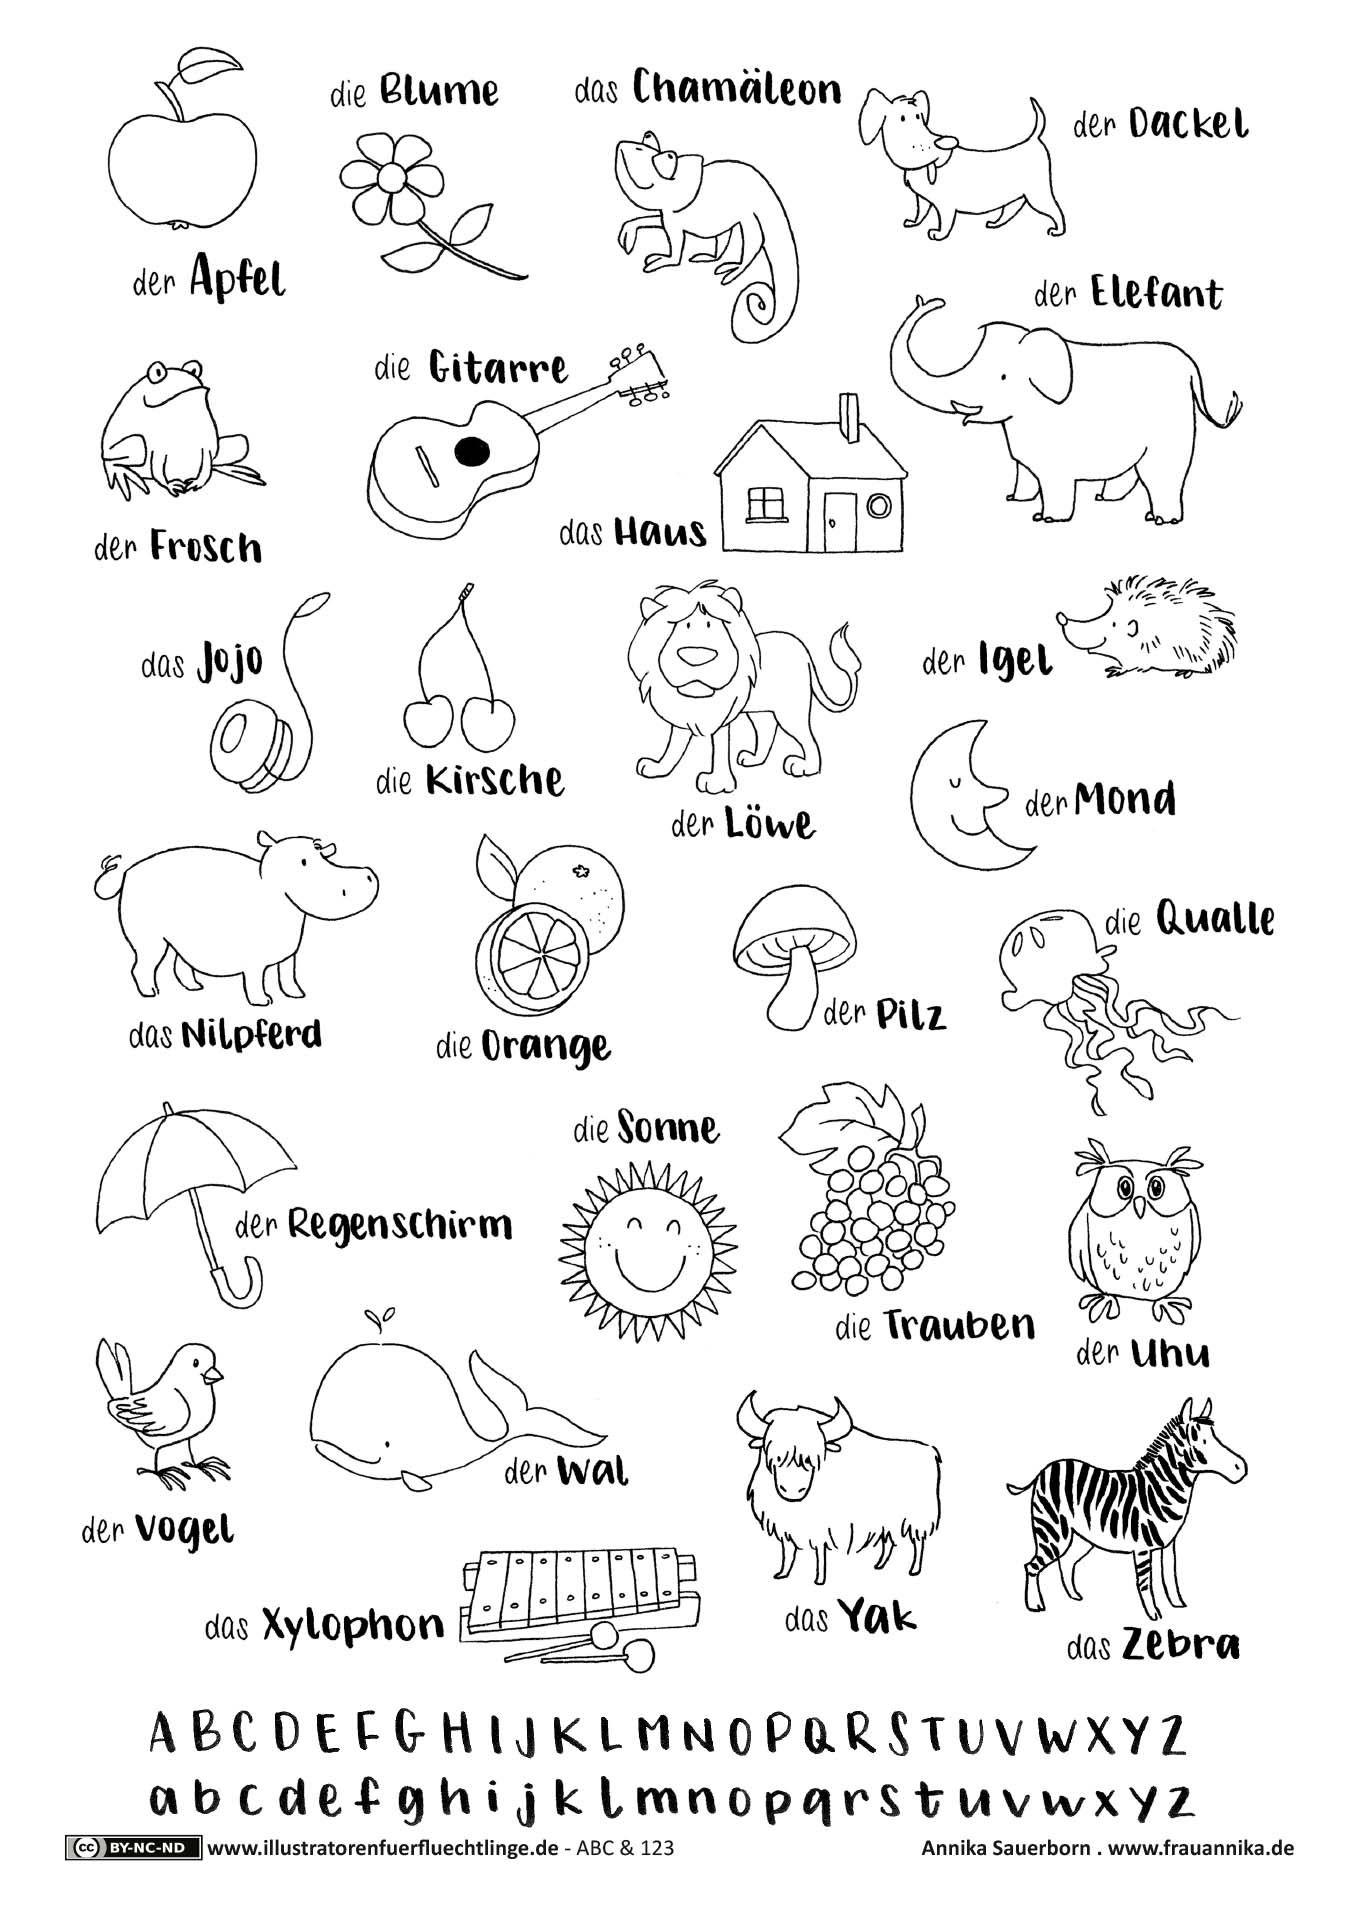 Download als PDF: ABC und 123 – ABC der Dinge – Sauerborn ...